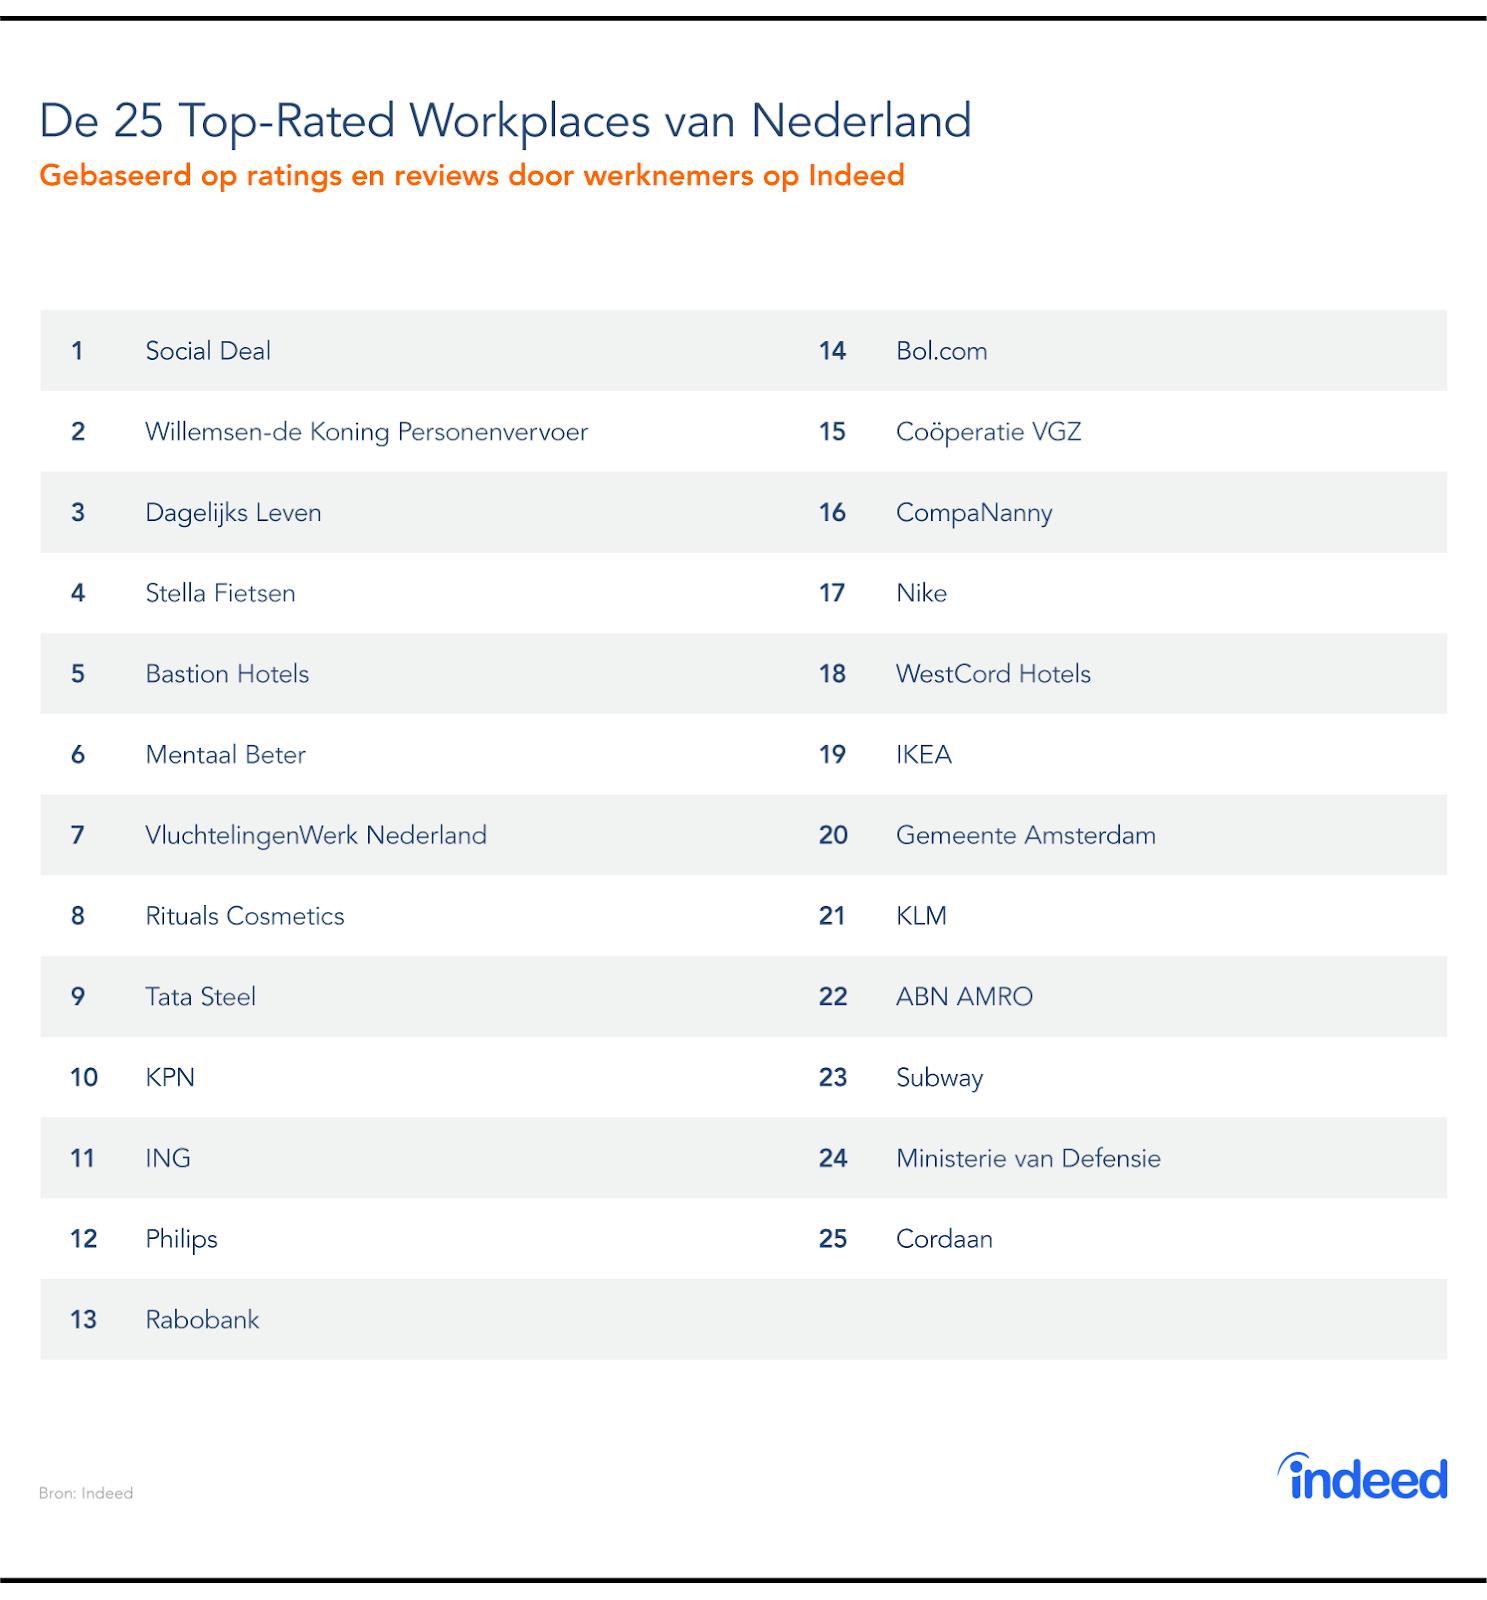 De 25 Top-Rated Workplaces van Nederland, bron Indeed